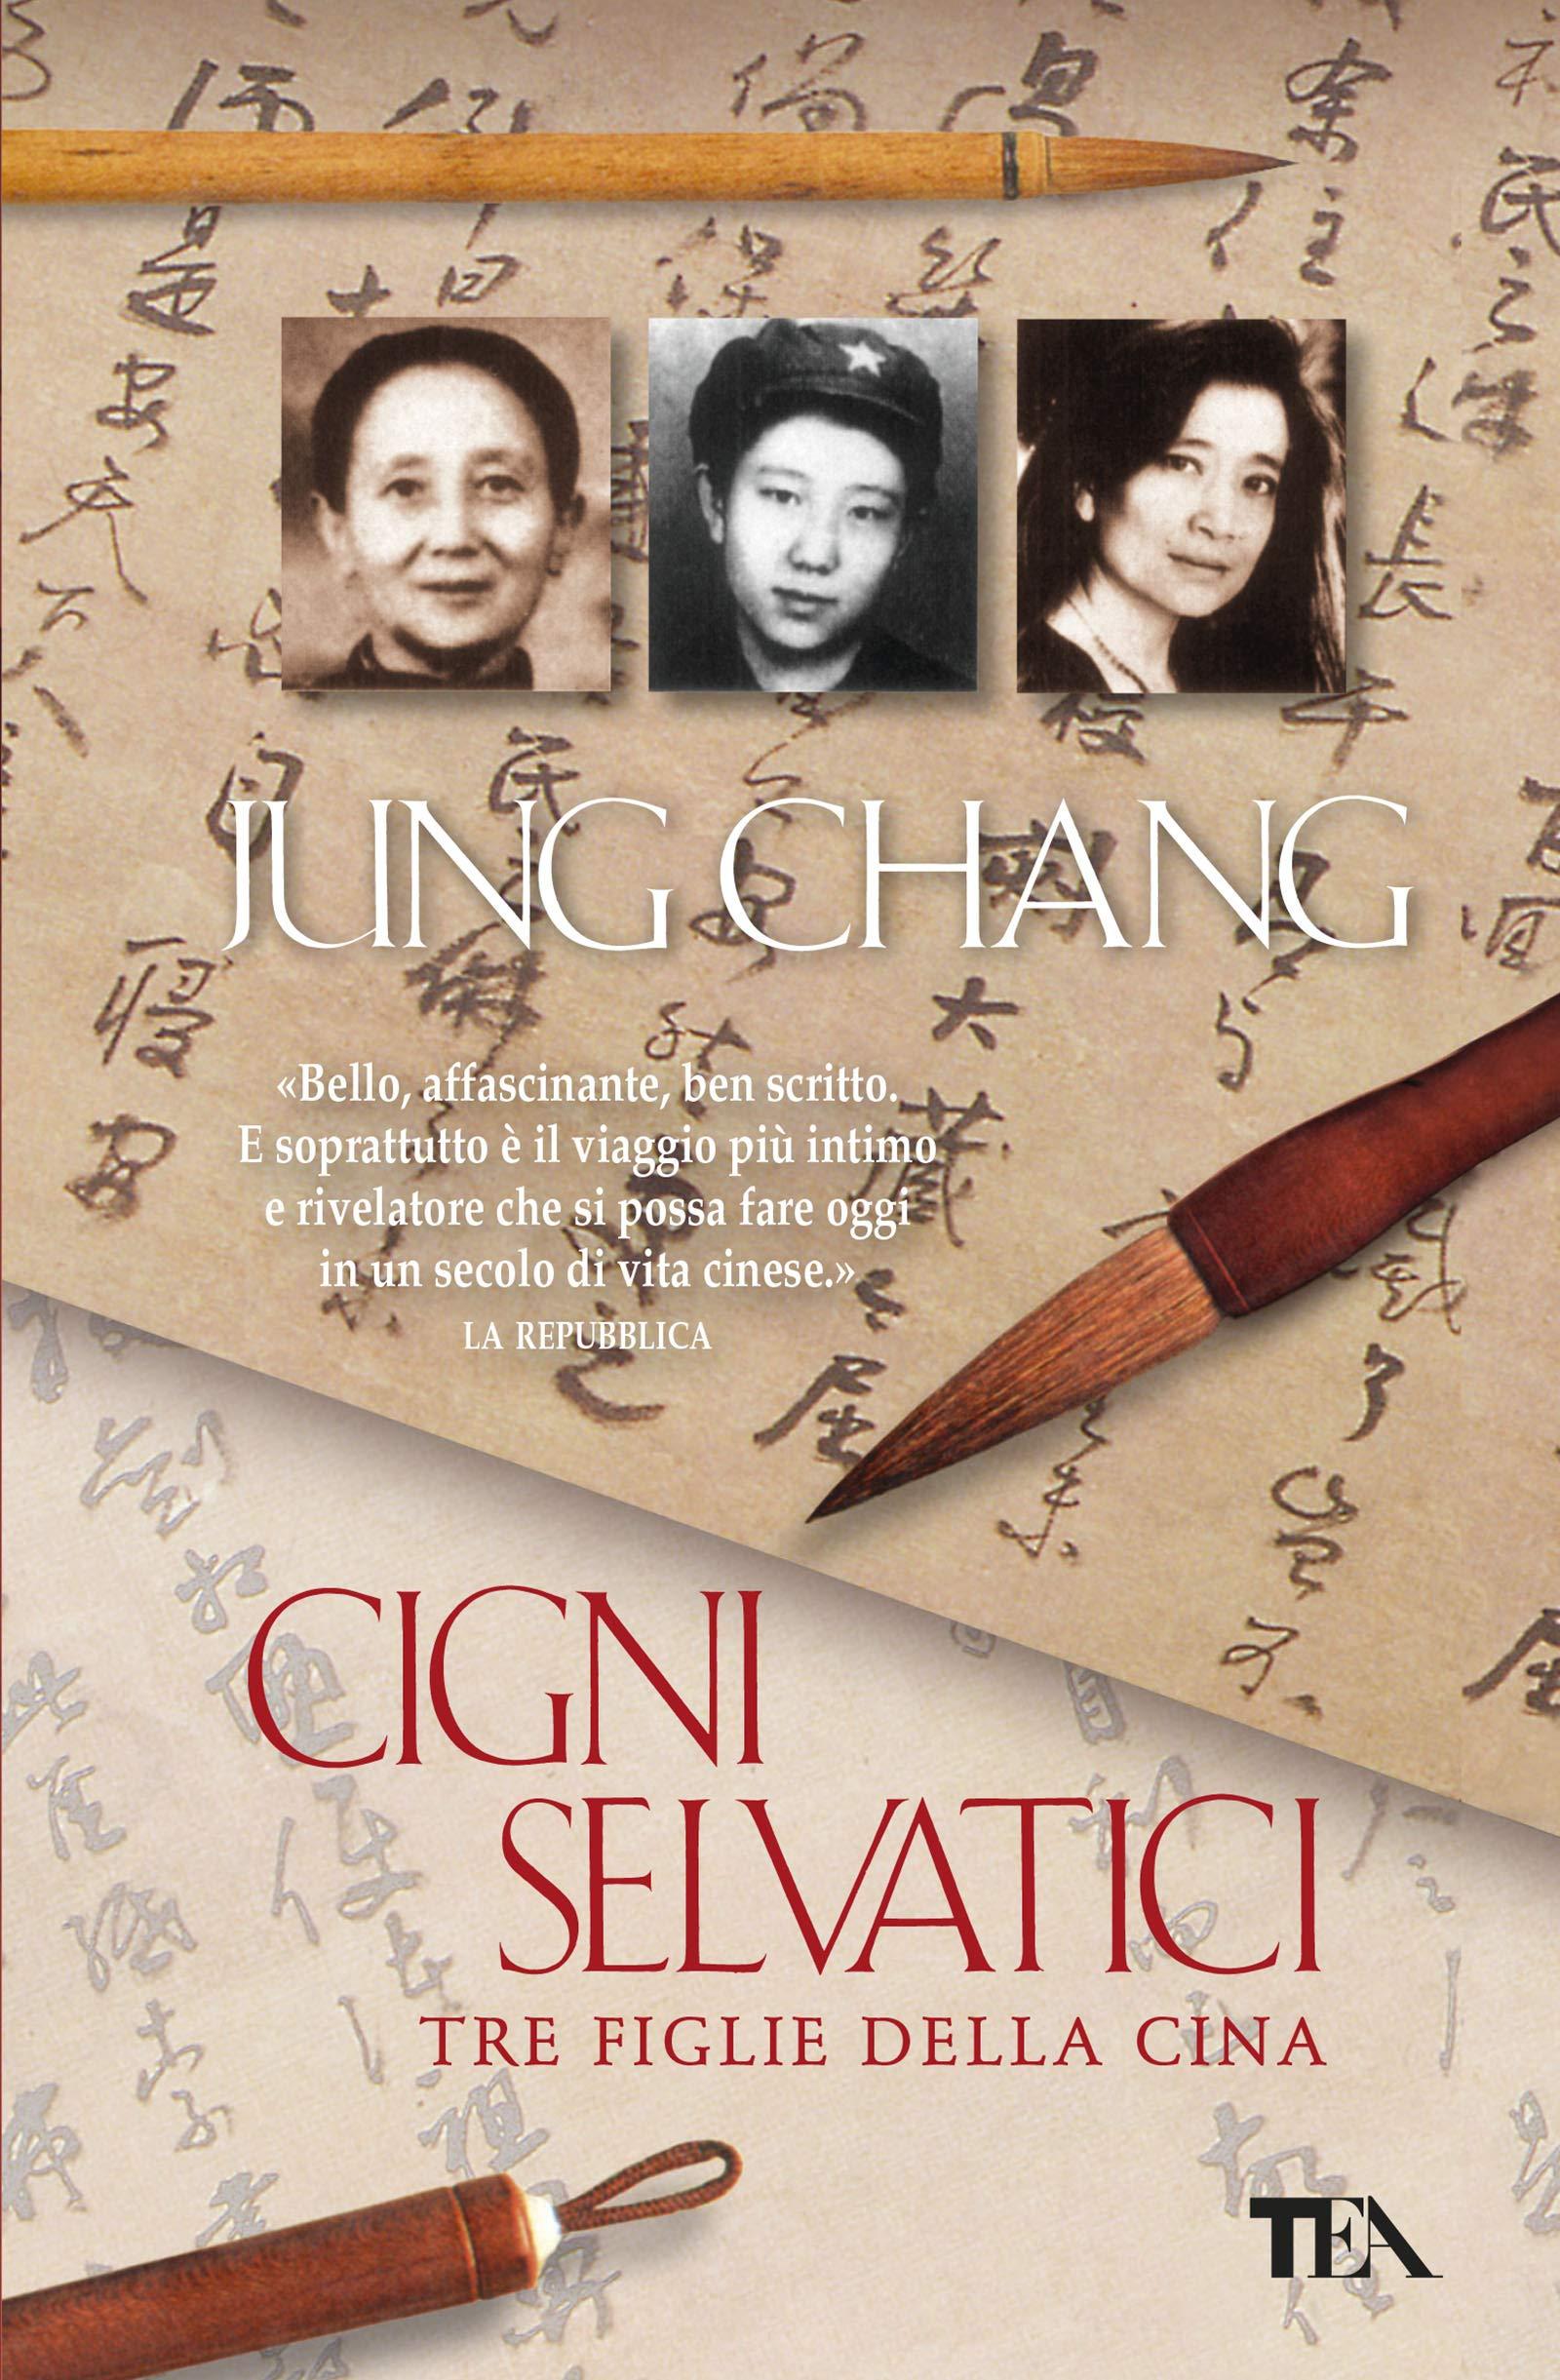 """Risultato immagini per Cigni selvatici di Jung Chang"""""""